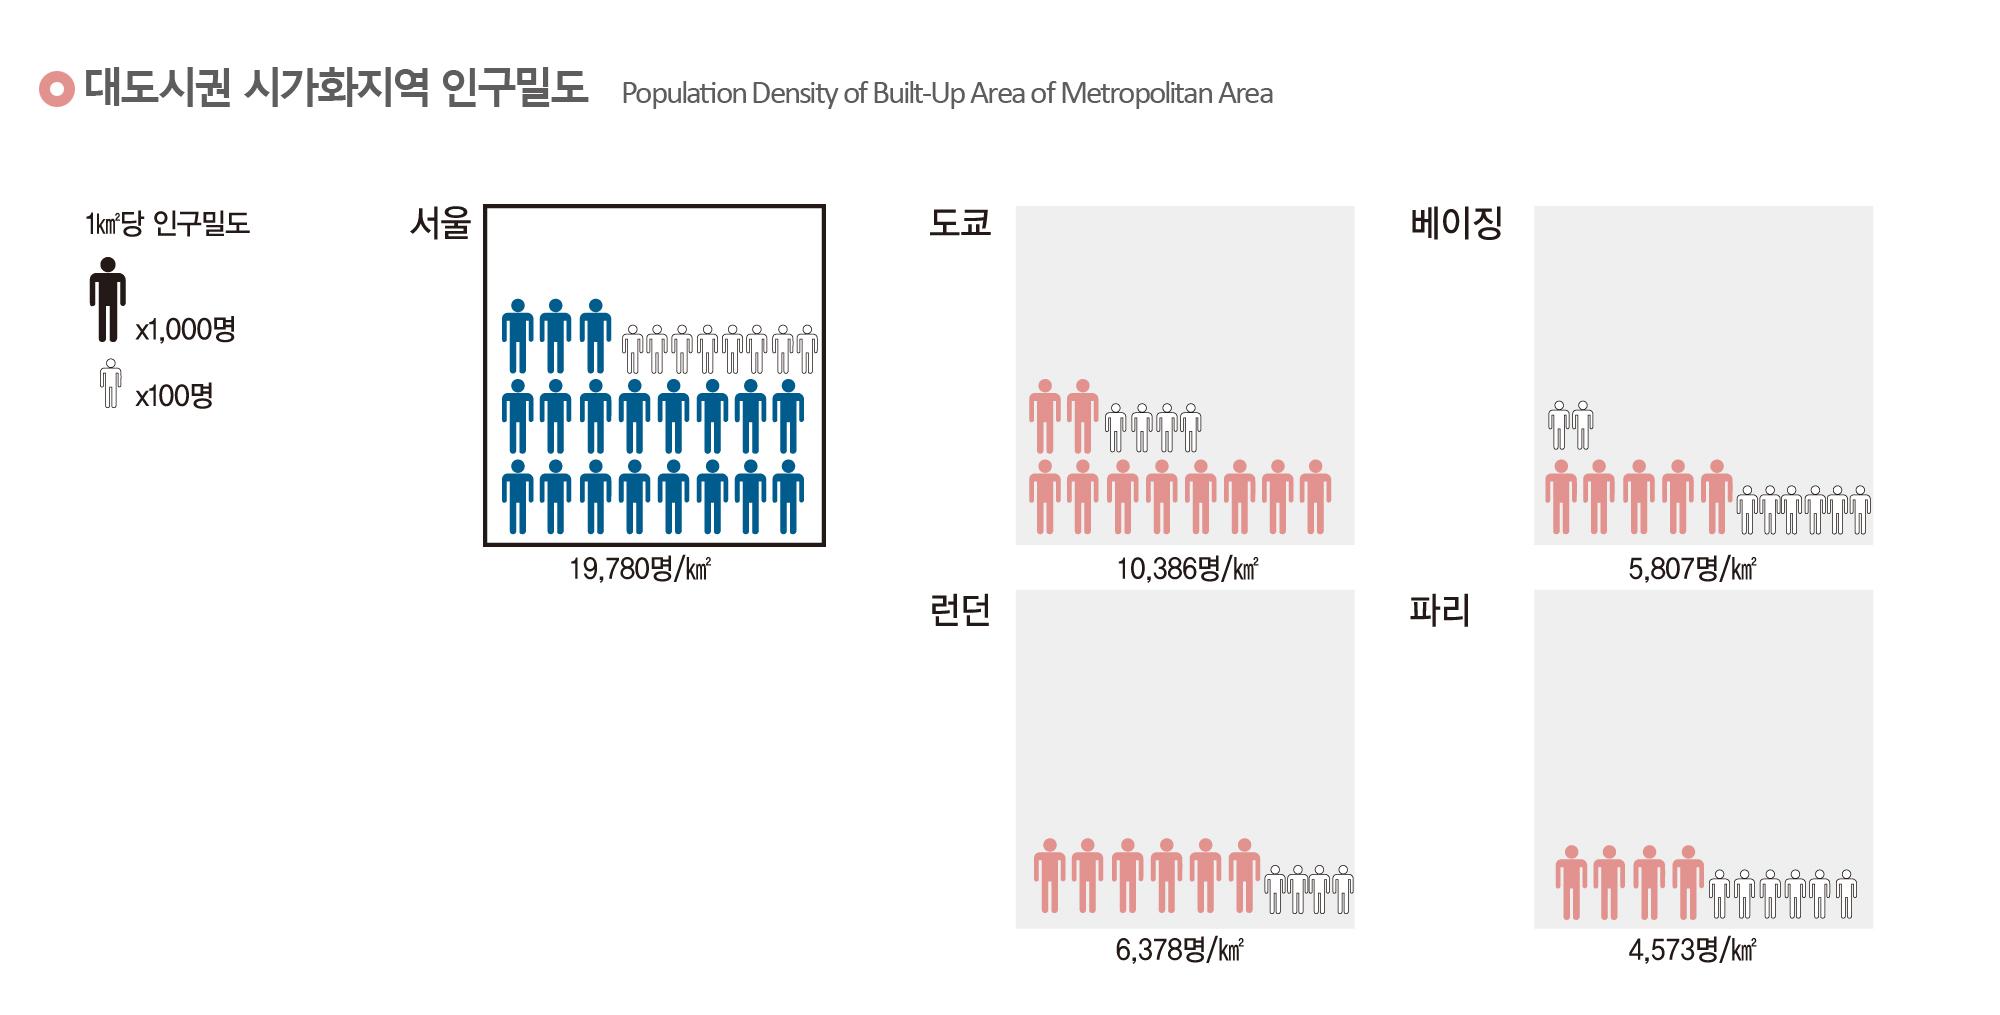 대도시권 시가화지역 인구밀도